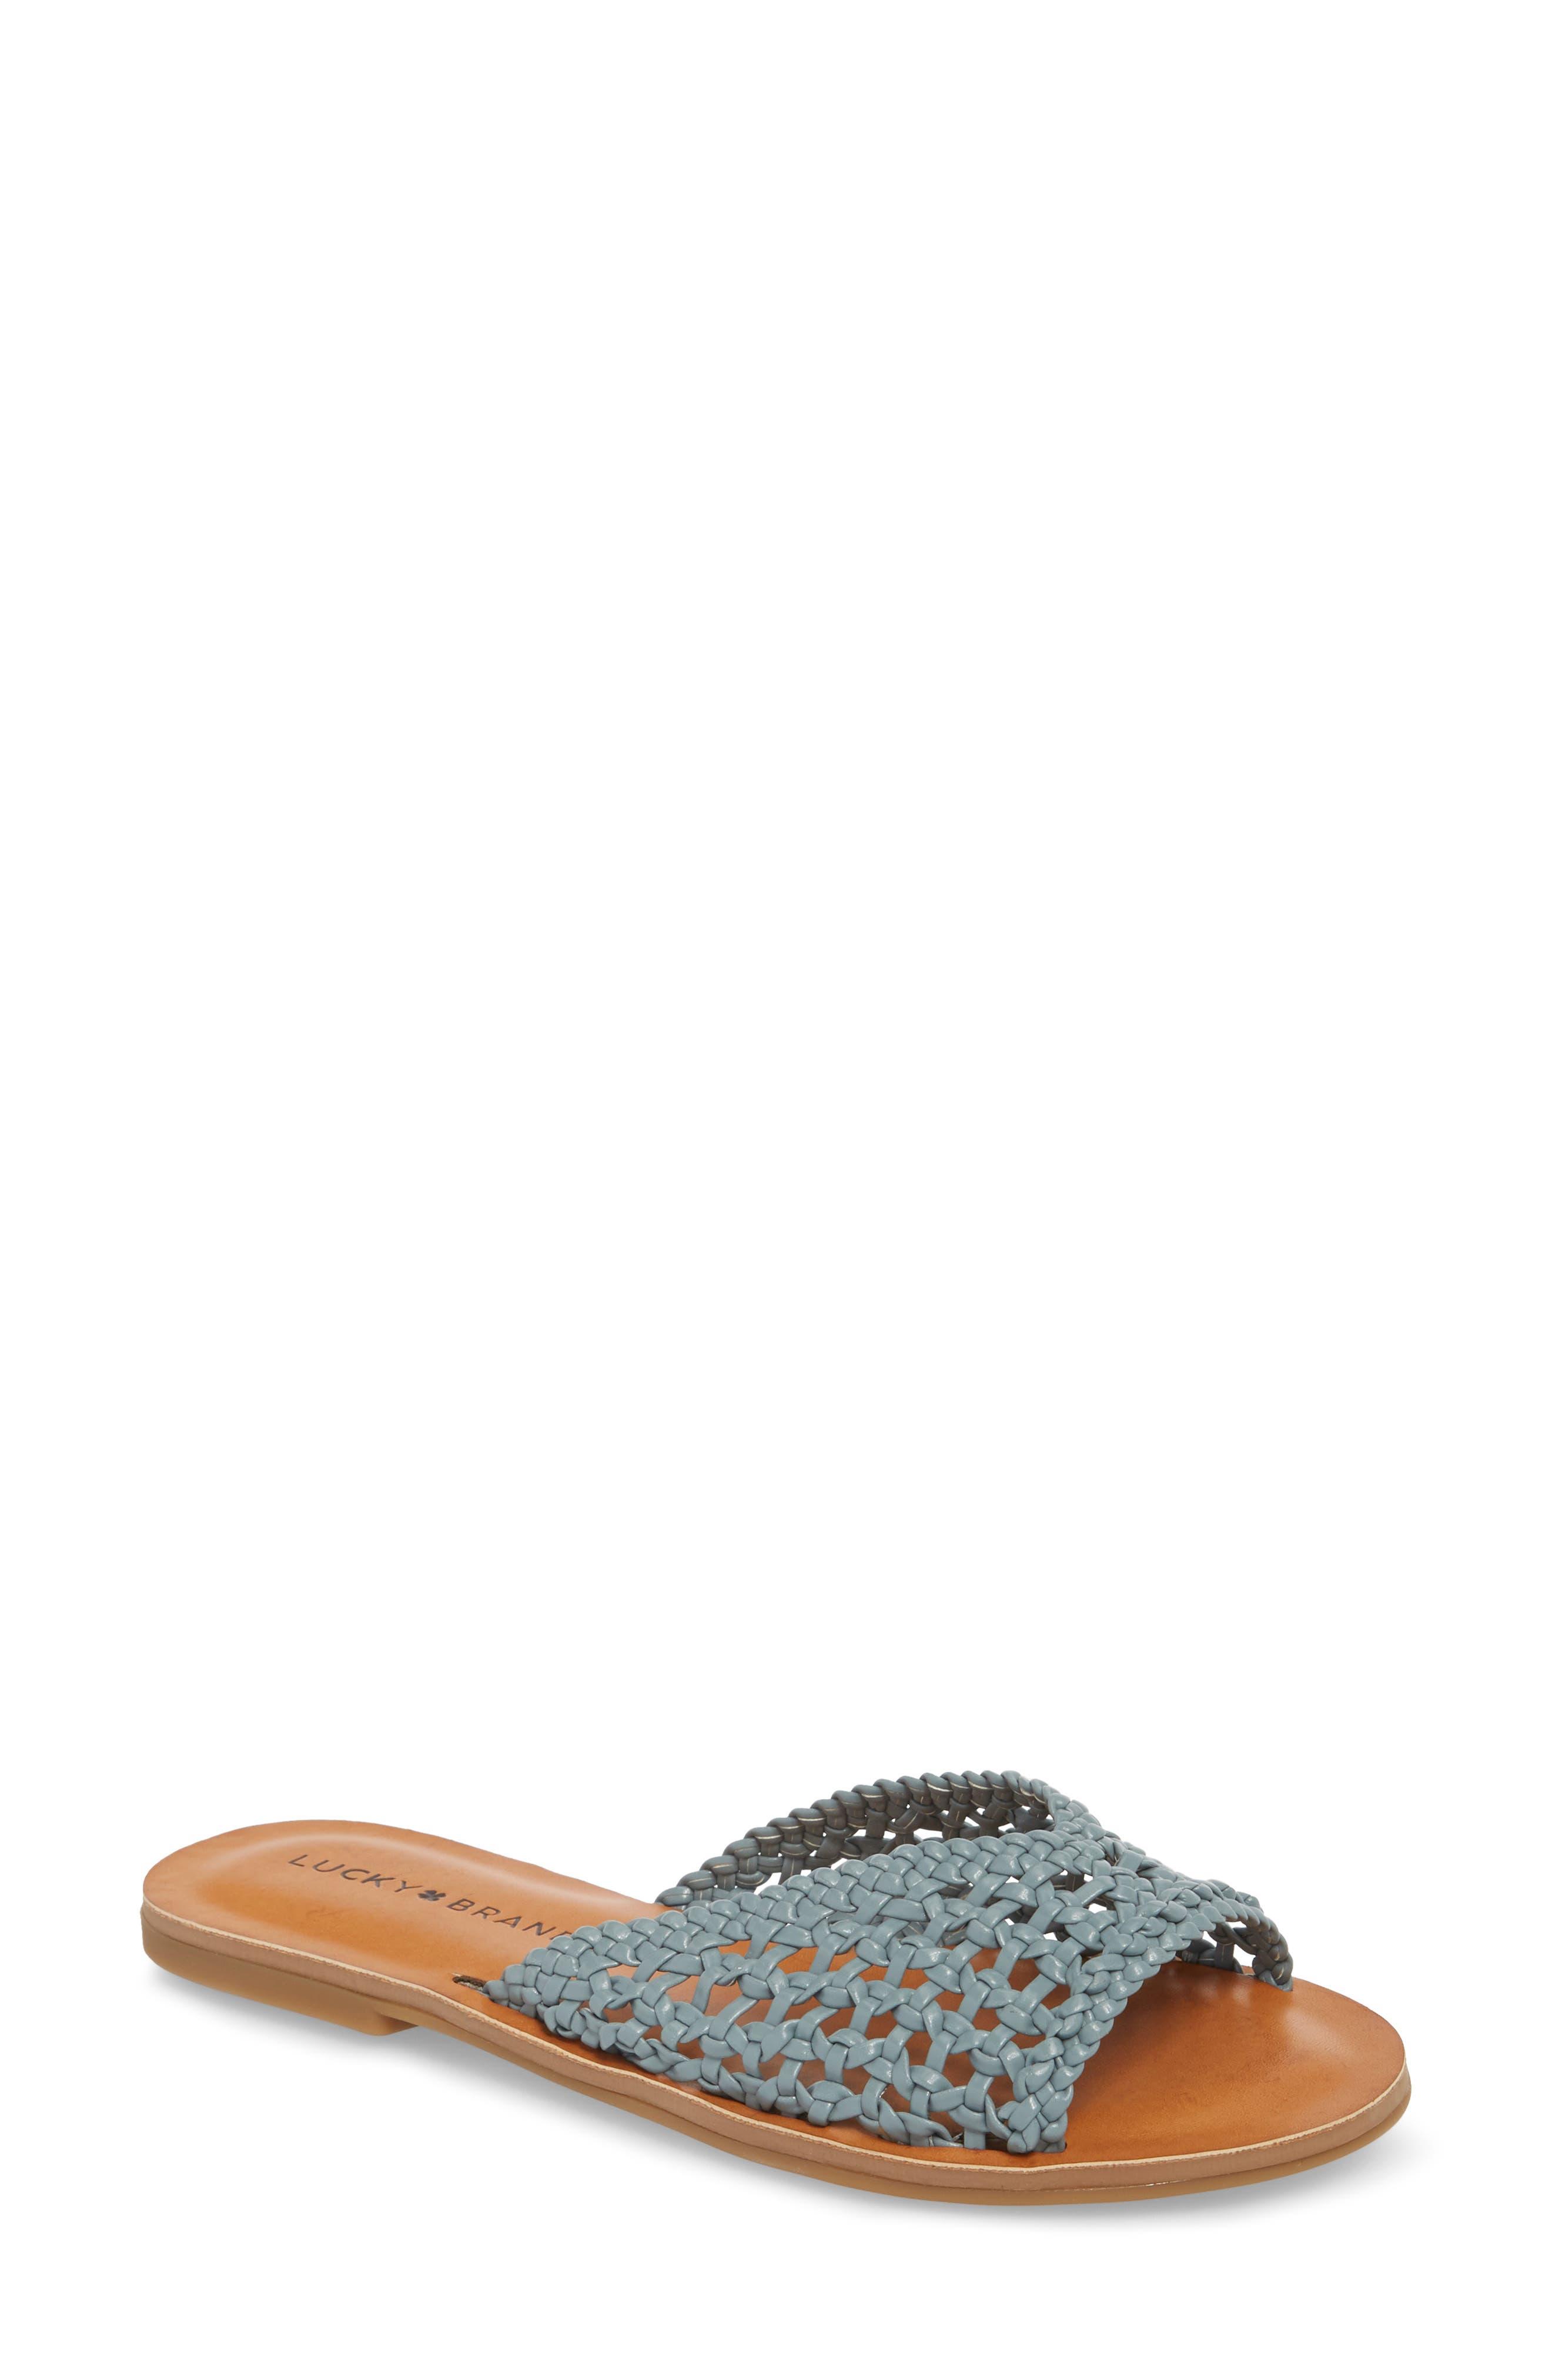 Lucky Brand Adolela Slide Sandal